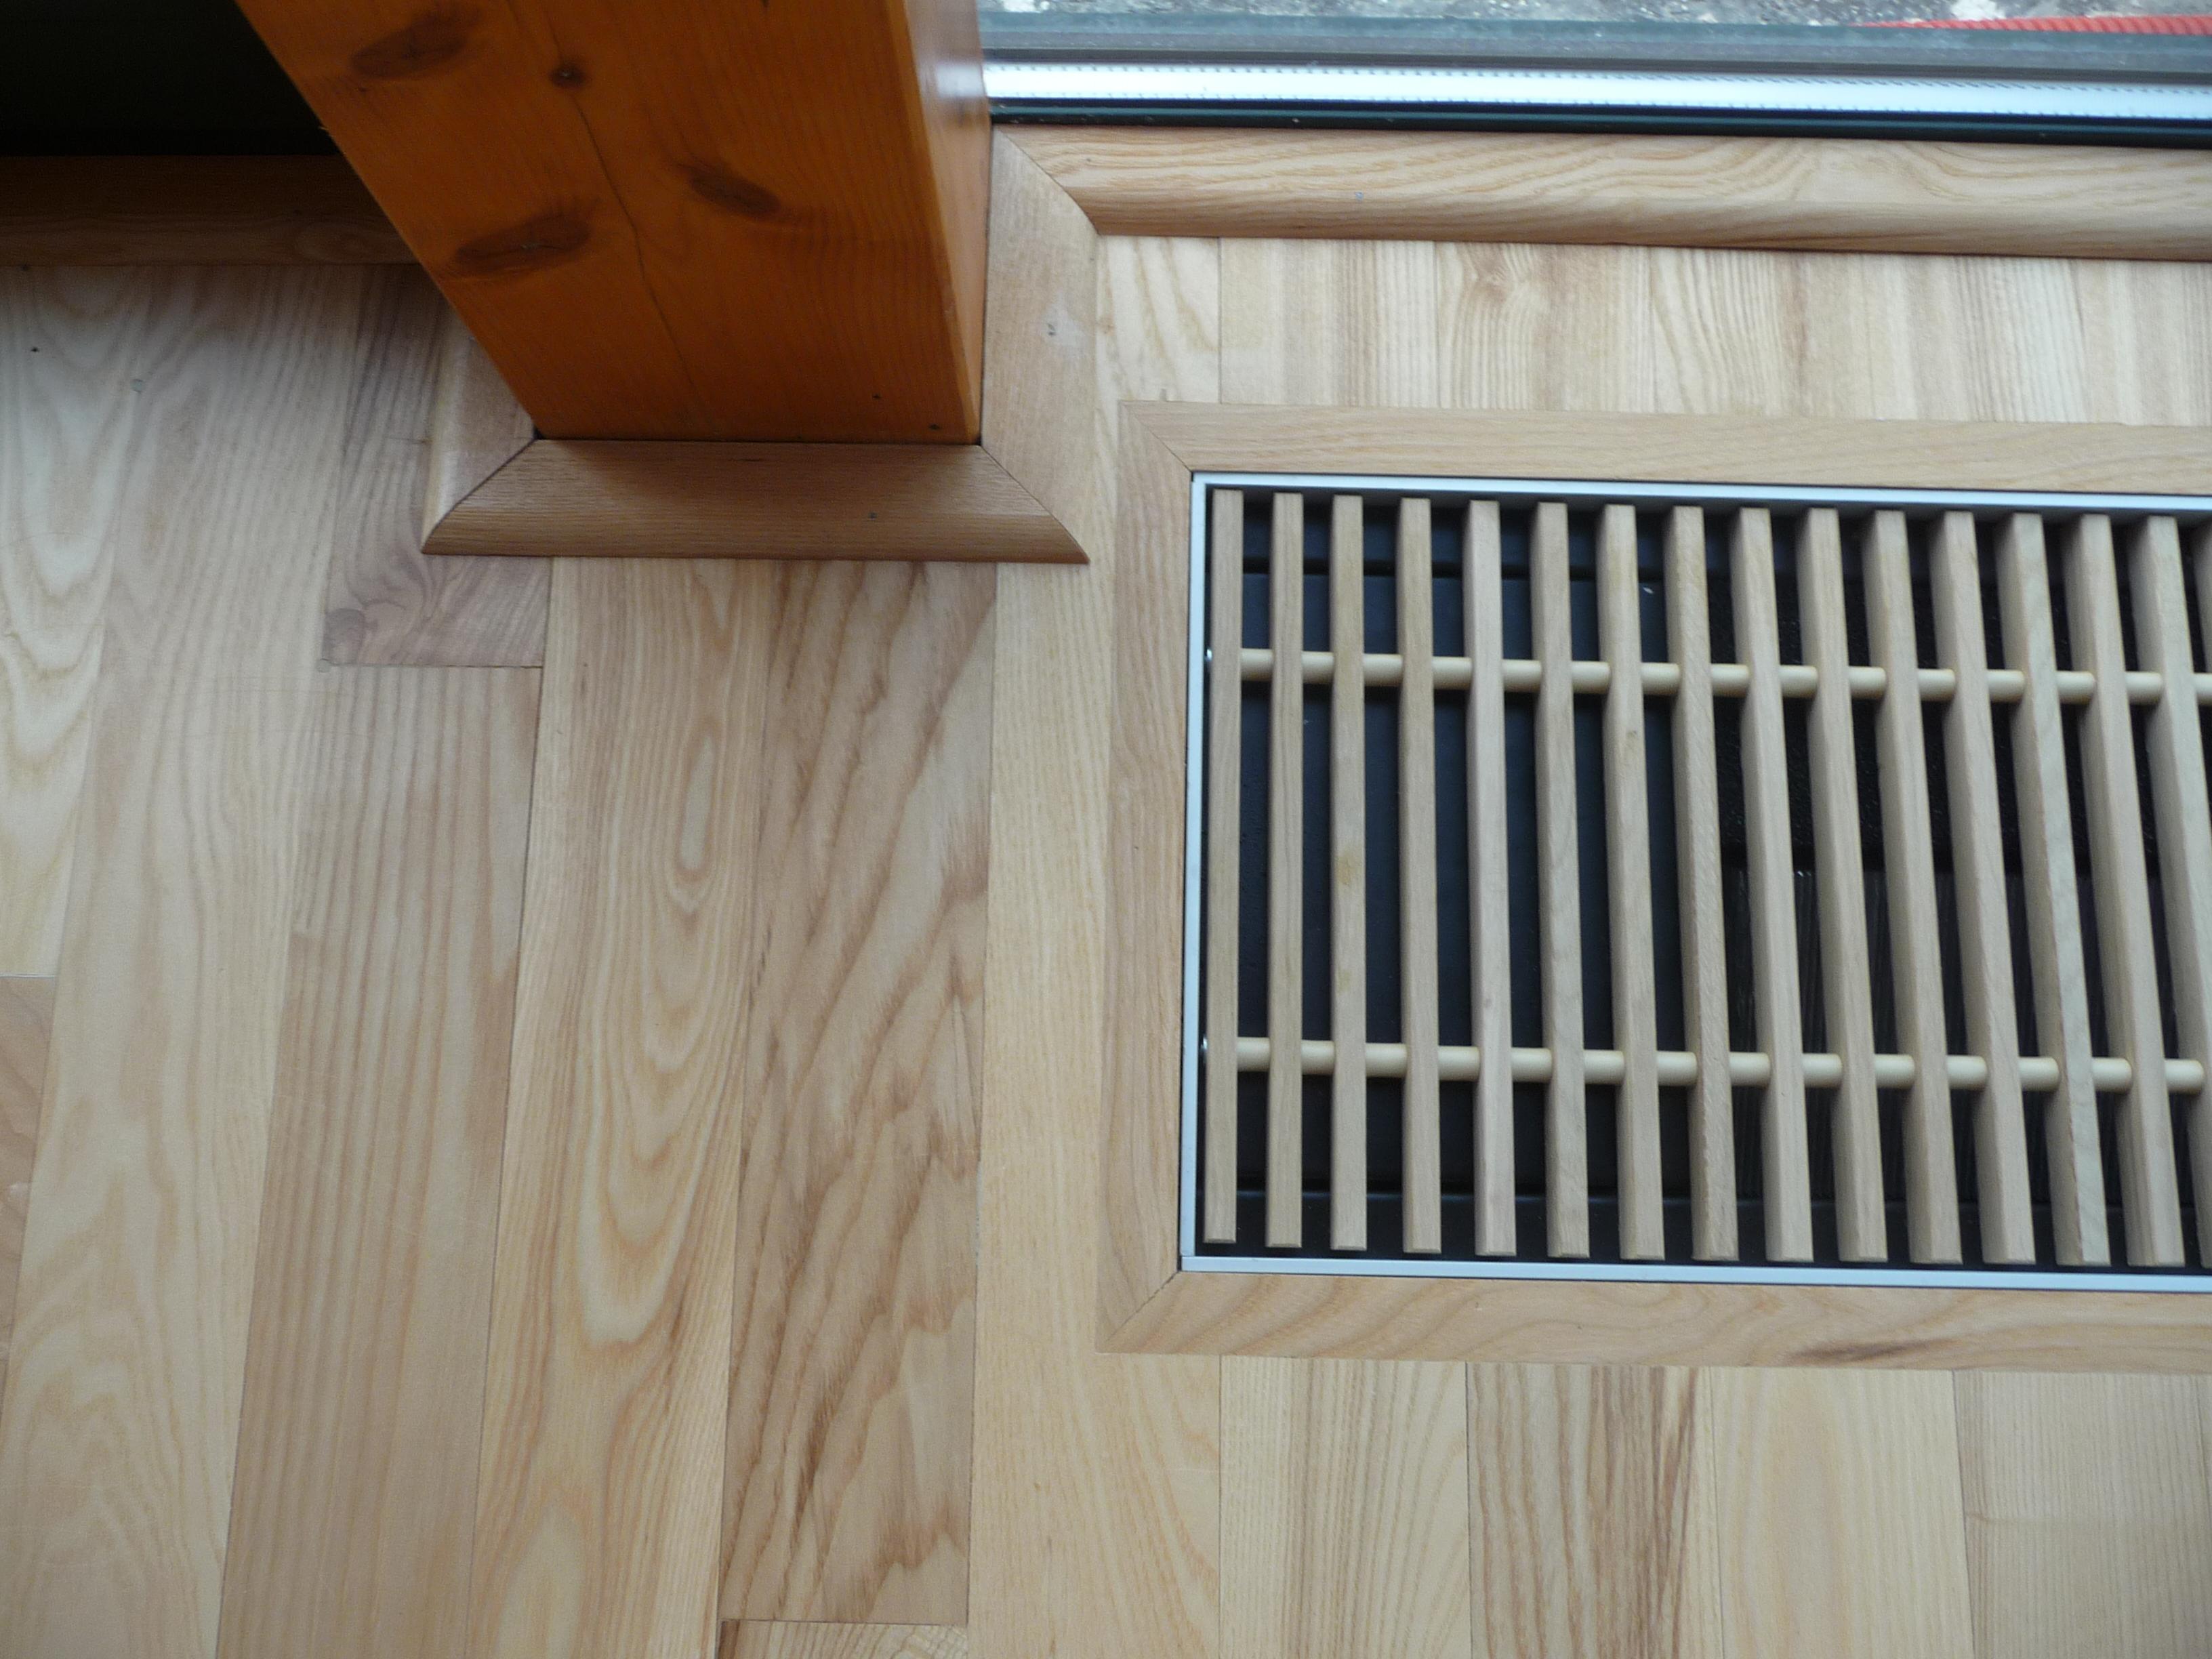 Intarzované ukončení podlahy konvektor